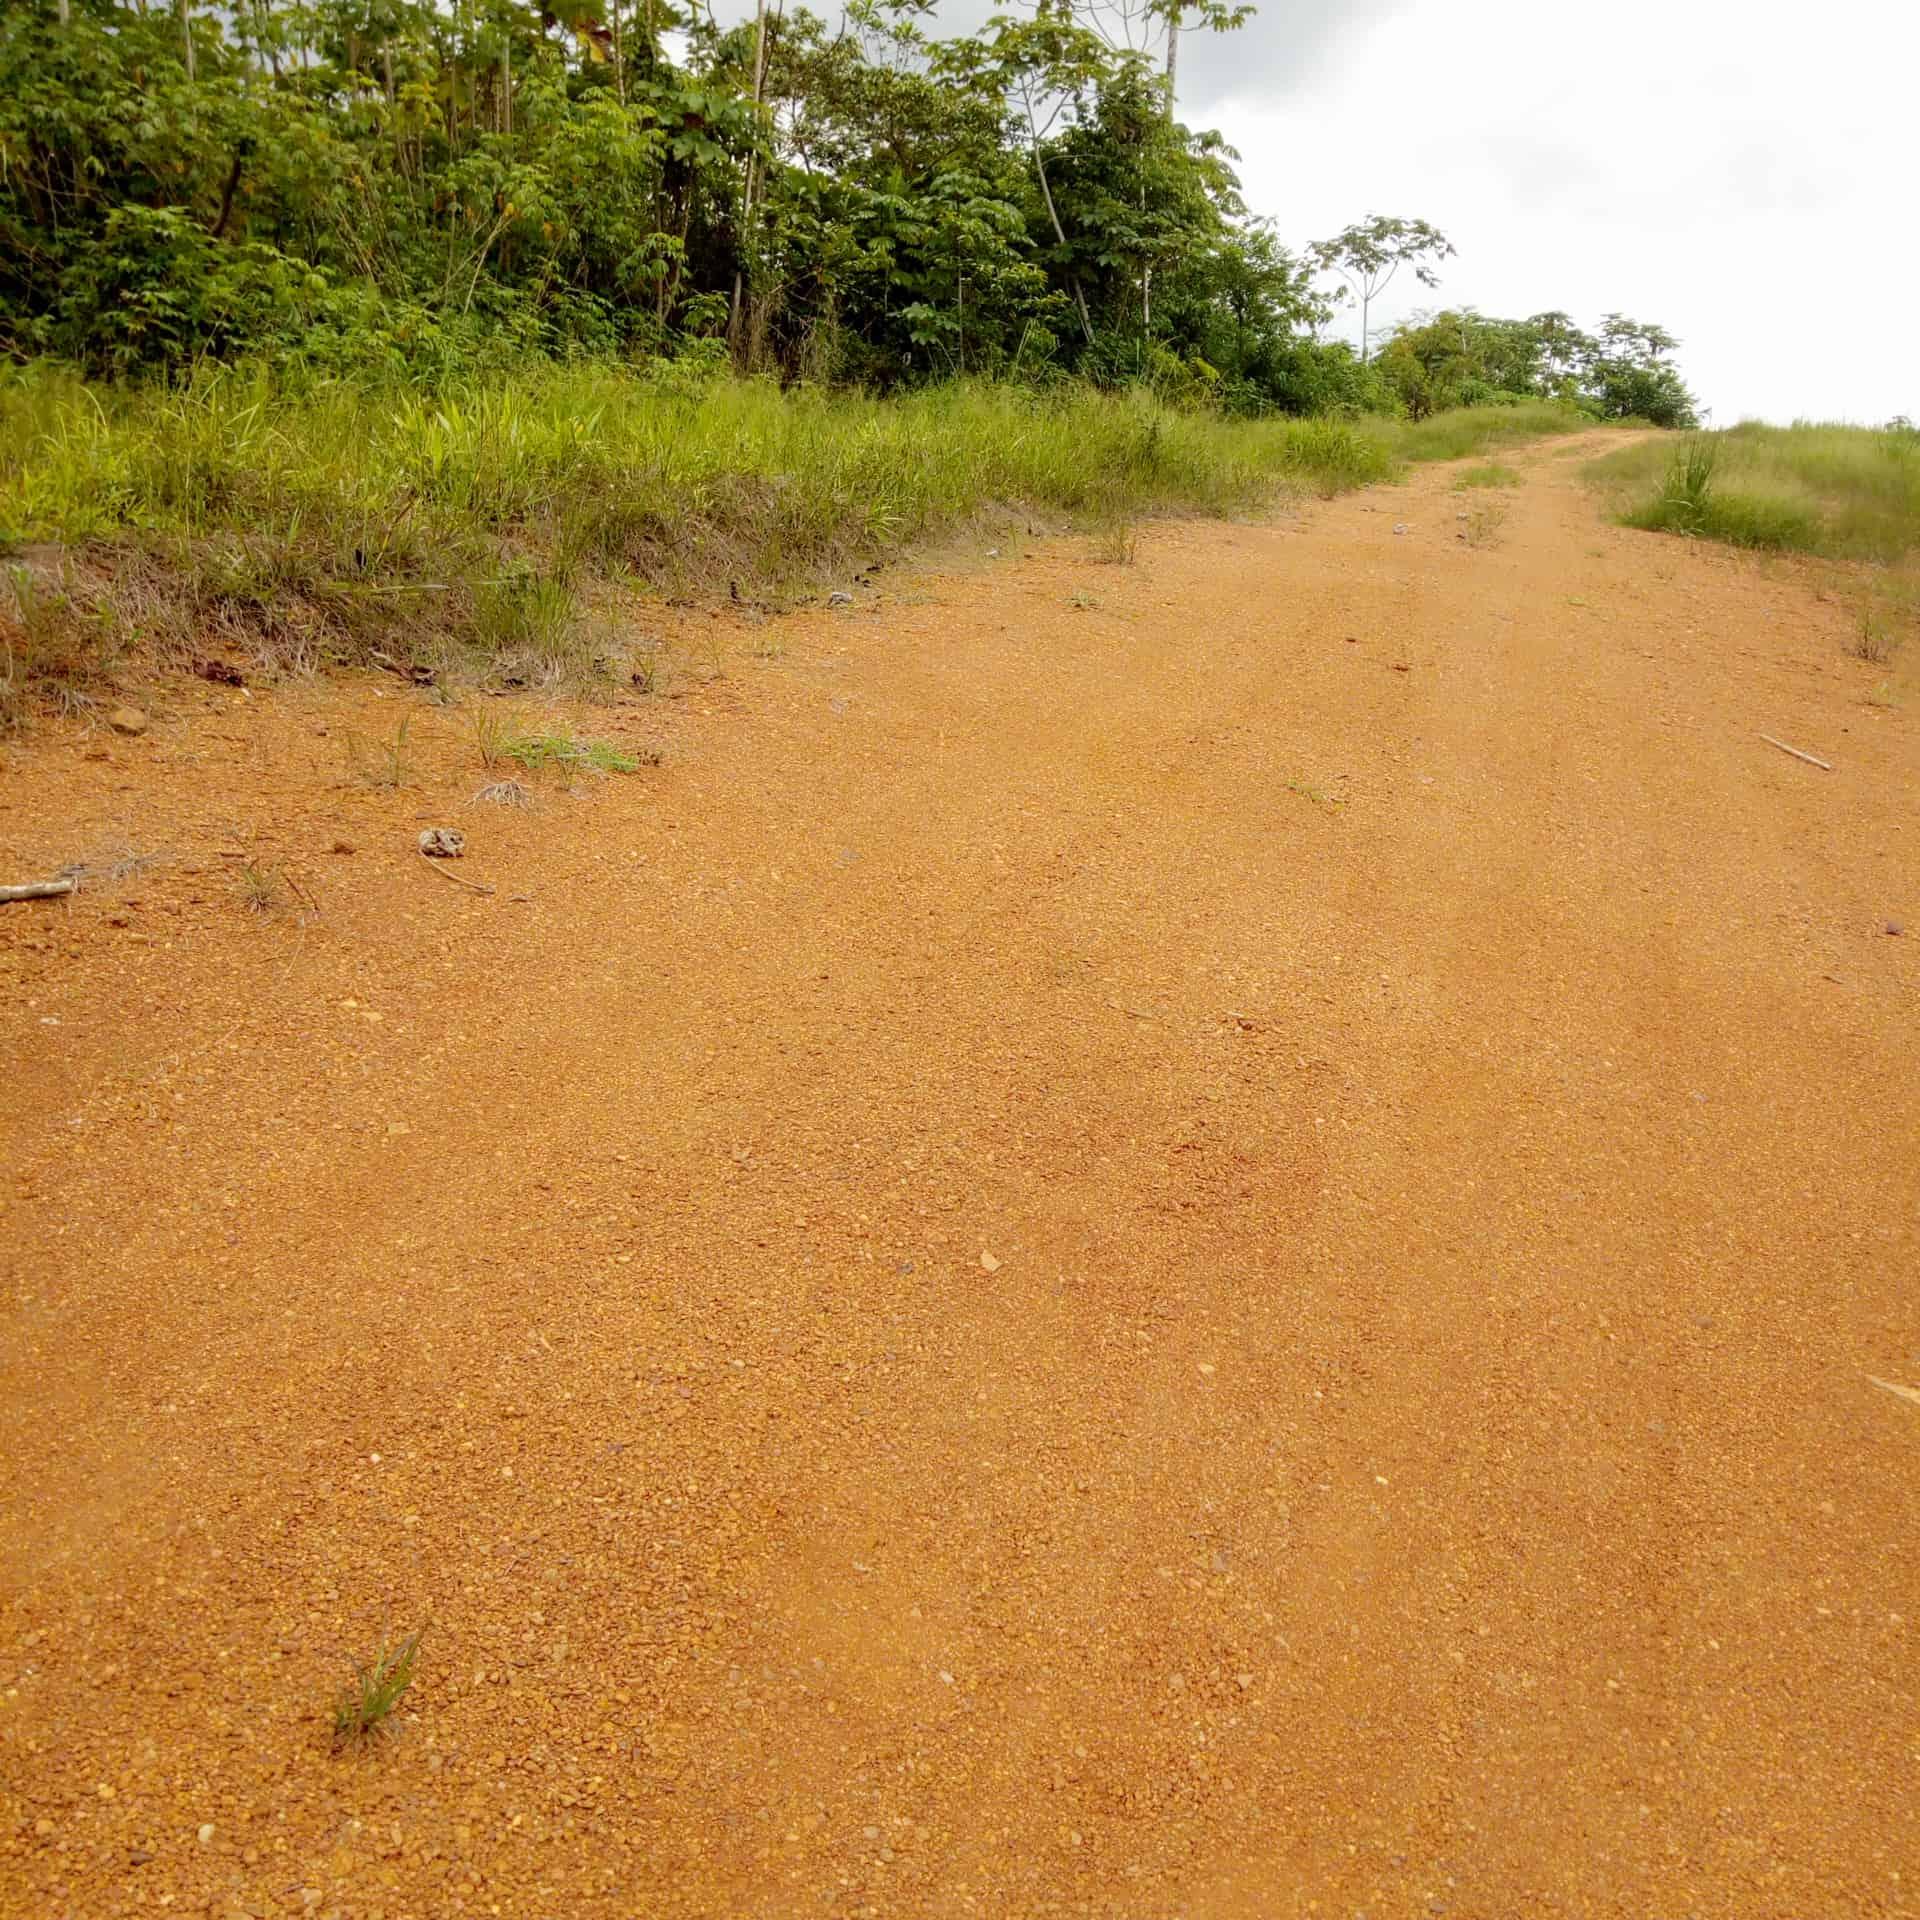 Land for sale at Douala, Lendi, Quartier général - 5000 m2 - 6 000 000 FCFA